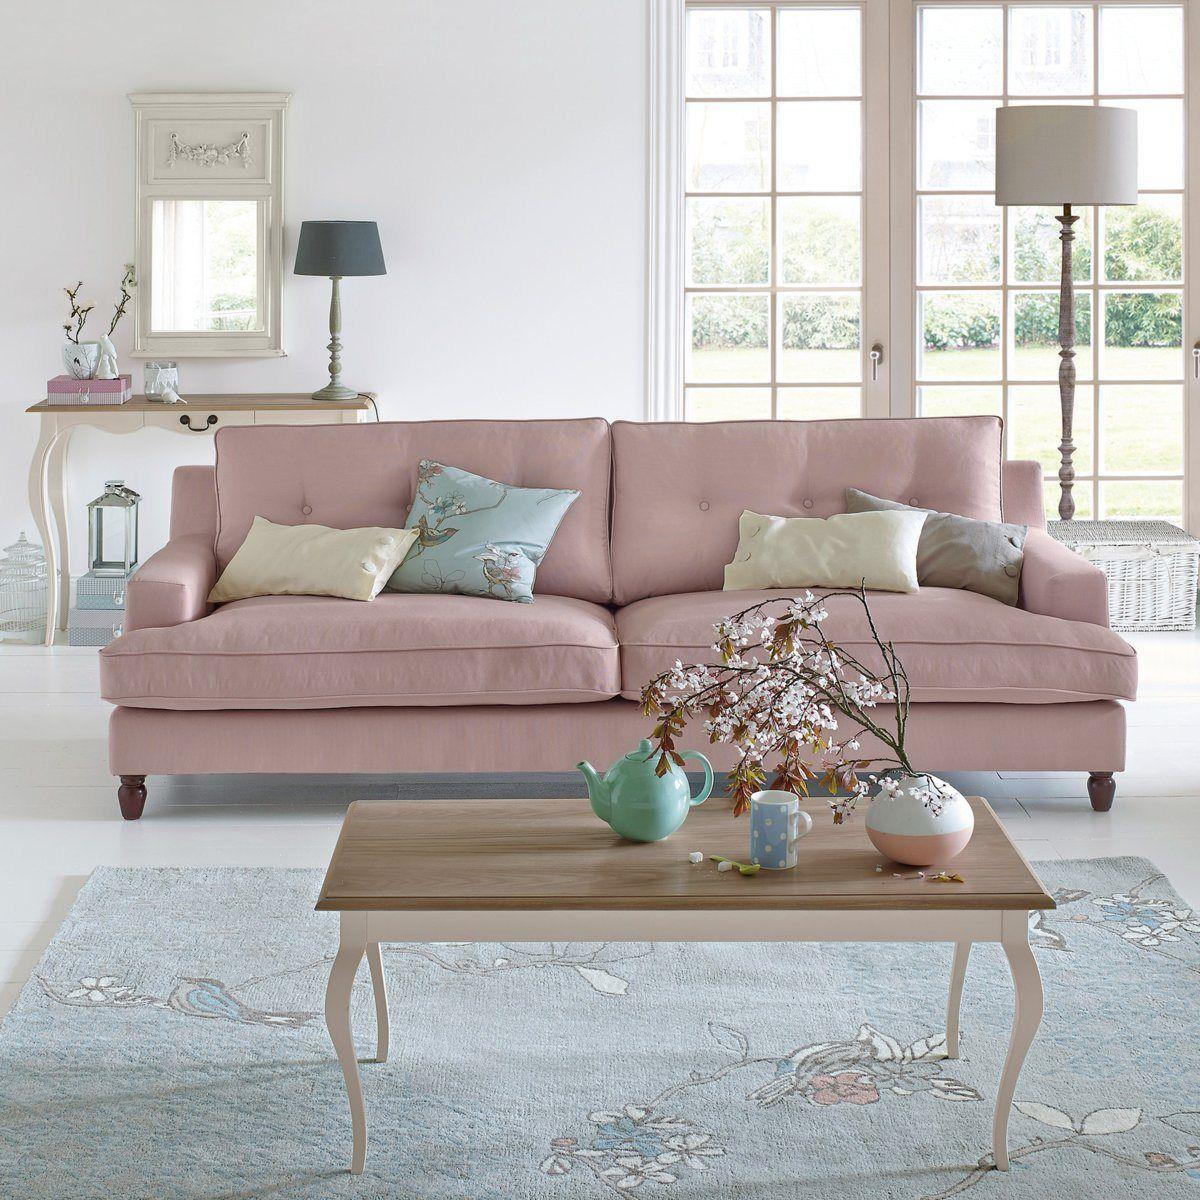 canap 2 ou 3 places fixe coton rina la redoute interieurs prix promo canap la redoute. Black Bedroom Furniture Sets. Home Design Ideas